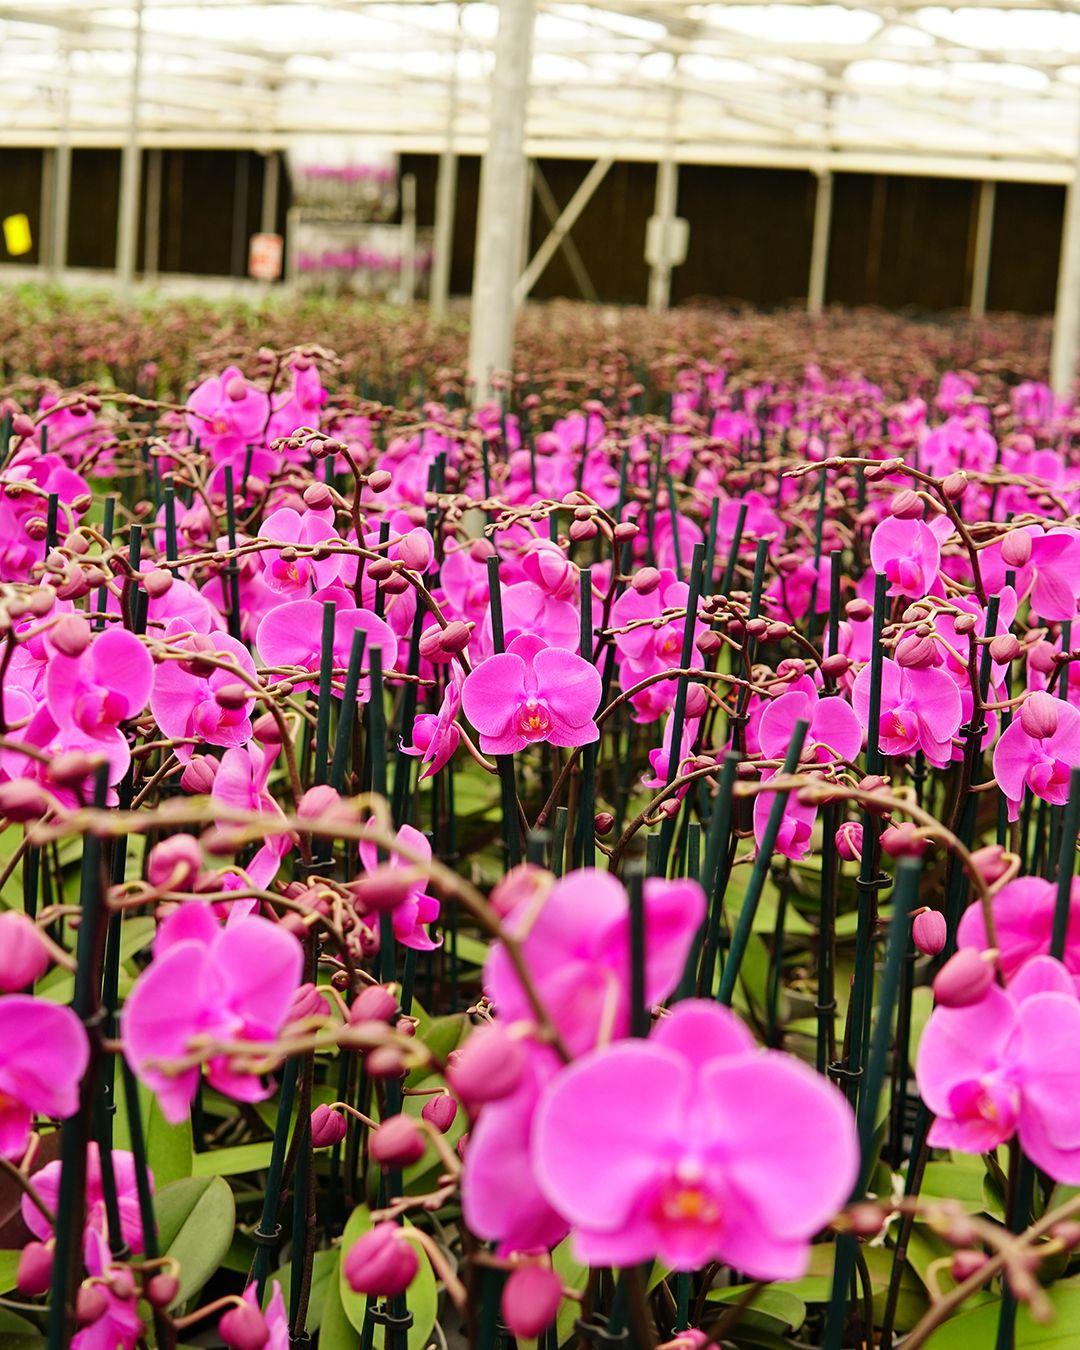 Gardenkoala ailesi olarak alanlarında uzman deneyimli üretim şefleri, ziraat mühendisleri, ziraat teknisyenleri ile çalışıyoruz. Kazandığımız tecrübeler ve 180 kişiden oluşan başarılı kadromuz sayesinde sektörde birçok ilke imza attık, bu noktada ülkemizin ilk ve en büyük orkide üreticisi olmanın gururunu yaşıyoruz. #gardenkoala #bitkibakımı #sera #bitkiüretimi #planet #green #nature #süsbitkisi #çiçek #çiçekçi #evdekorasyon #ofisdekorasyon #çiçeksüsleme